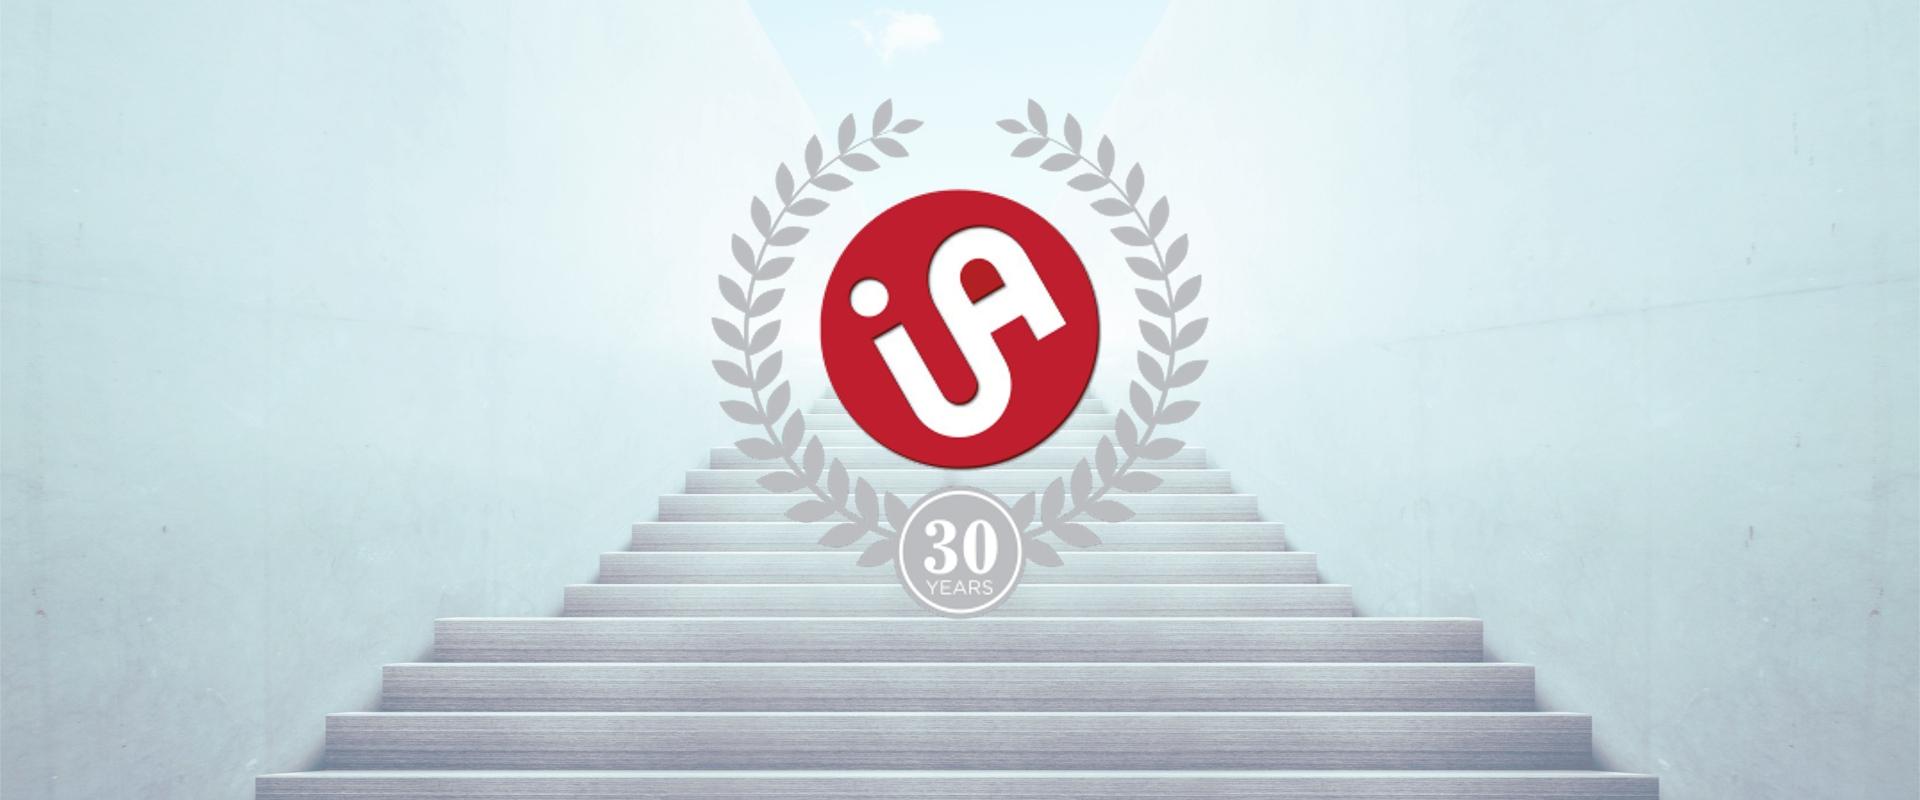 Intech Automazione turns 30!